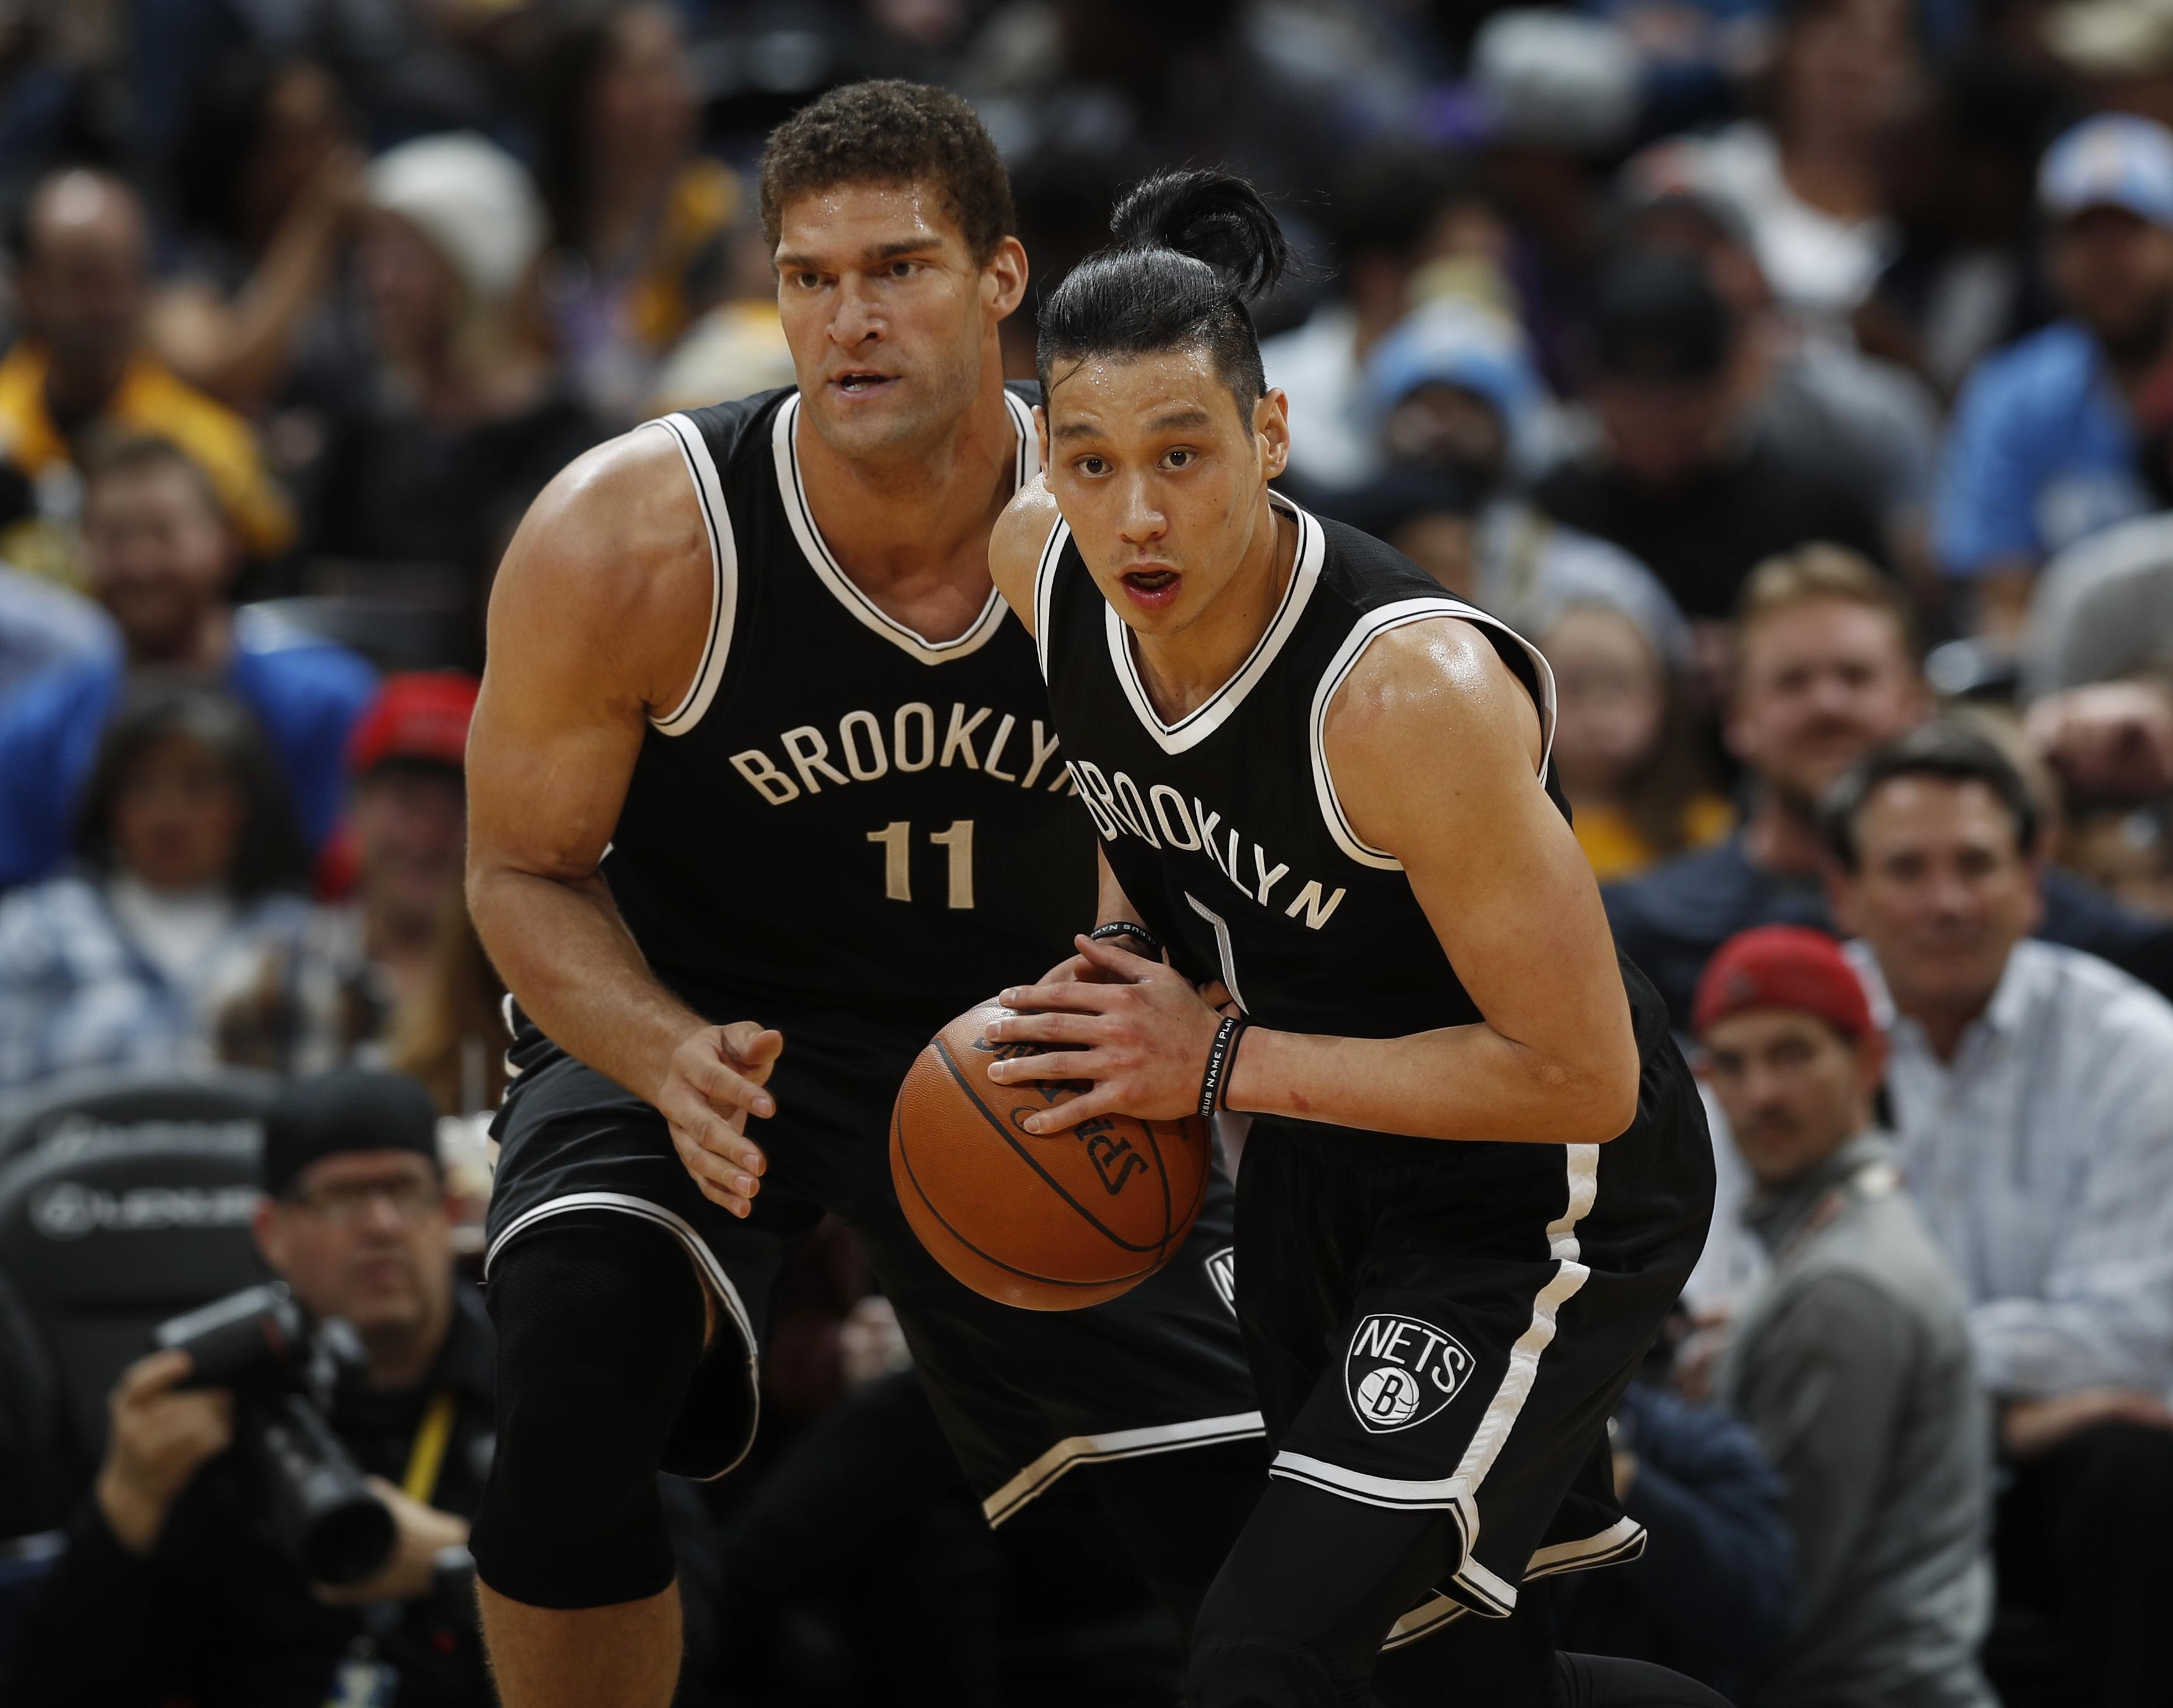 林書豪(圖右)傷癒歸隊,但籃網還是吞下15連敗。(達志影像)